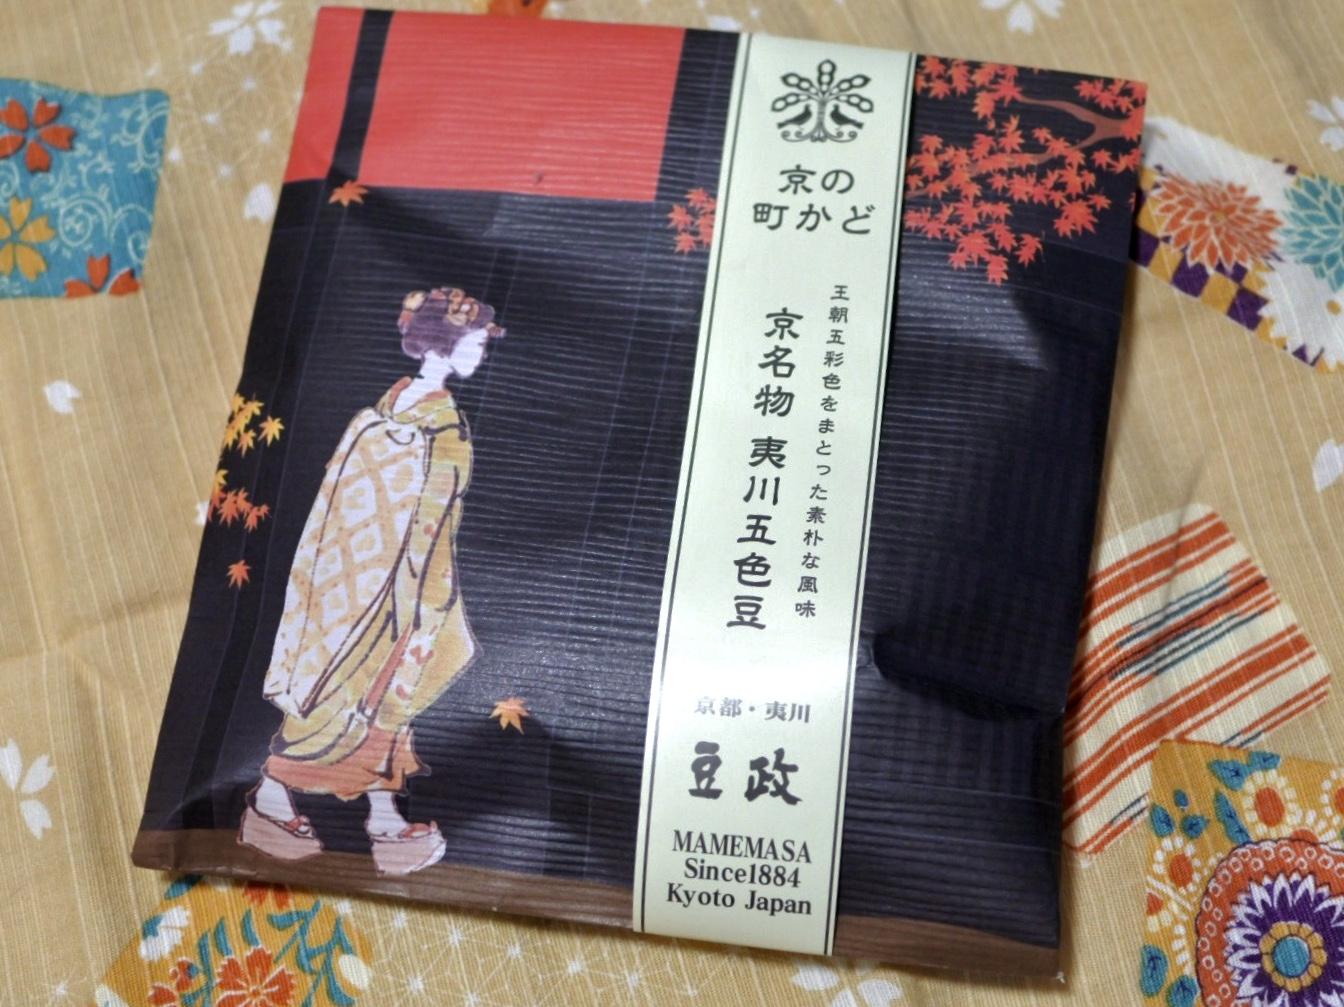 八ッ橋と並ぶ京名物・夷川五色豆!秋を感じる京都土産3選!シリーズ②